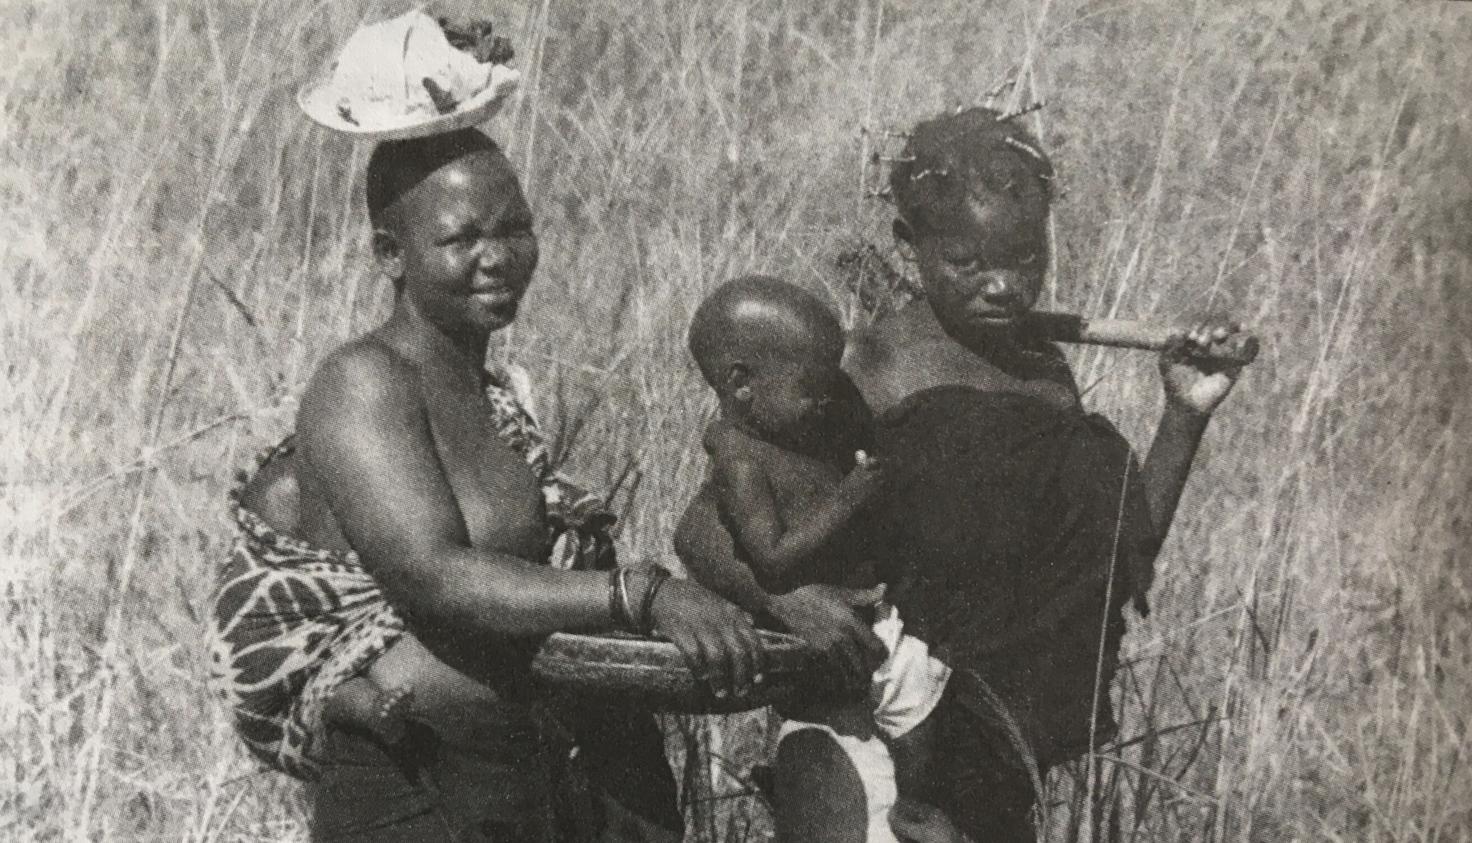 «Мы шли в полной неизвестности»: как в 1983 году в Мозамбике захватили в плен более 20 советских геологов2